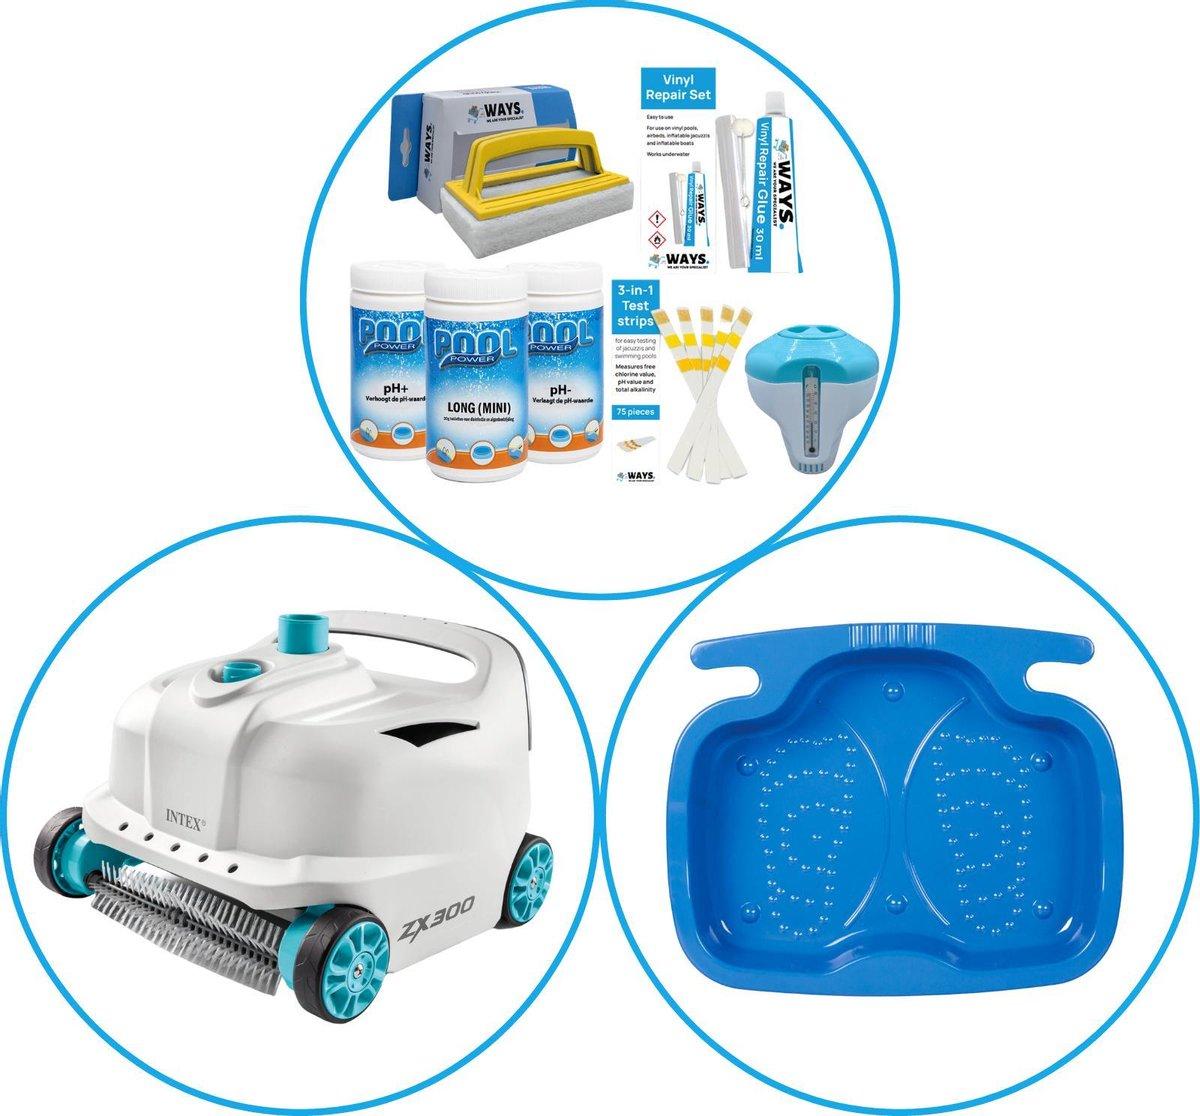 Zwembad Accessoirepakket 3-delig - WAYS Onderhoudspakket & Automatische Zwembad stofzuiger Deluxe & Voetenbad